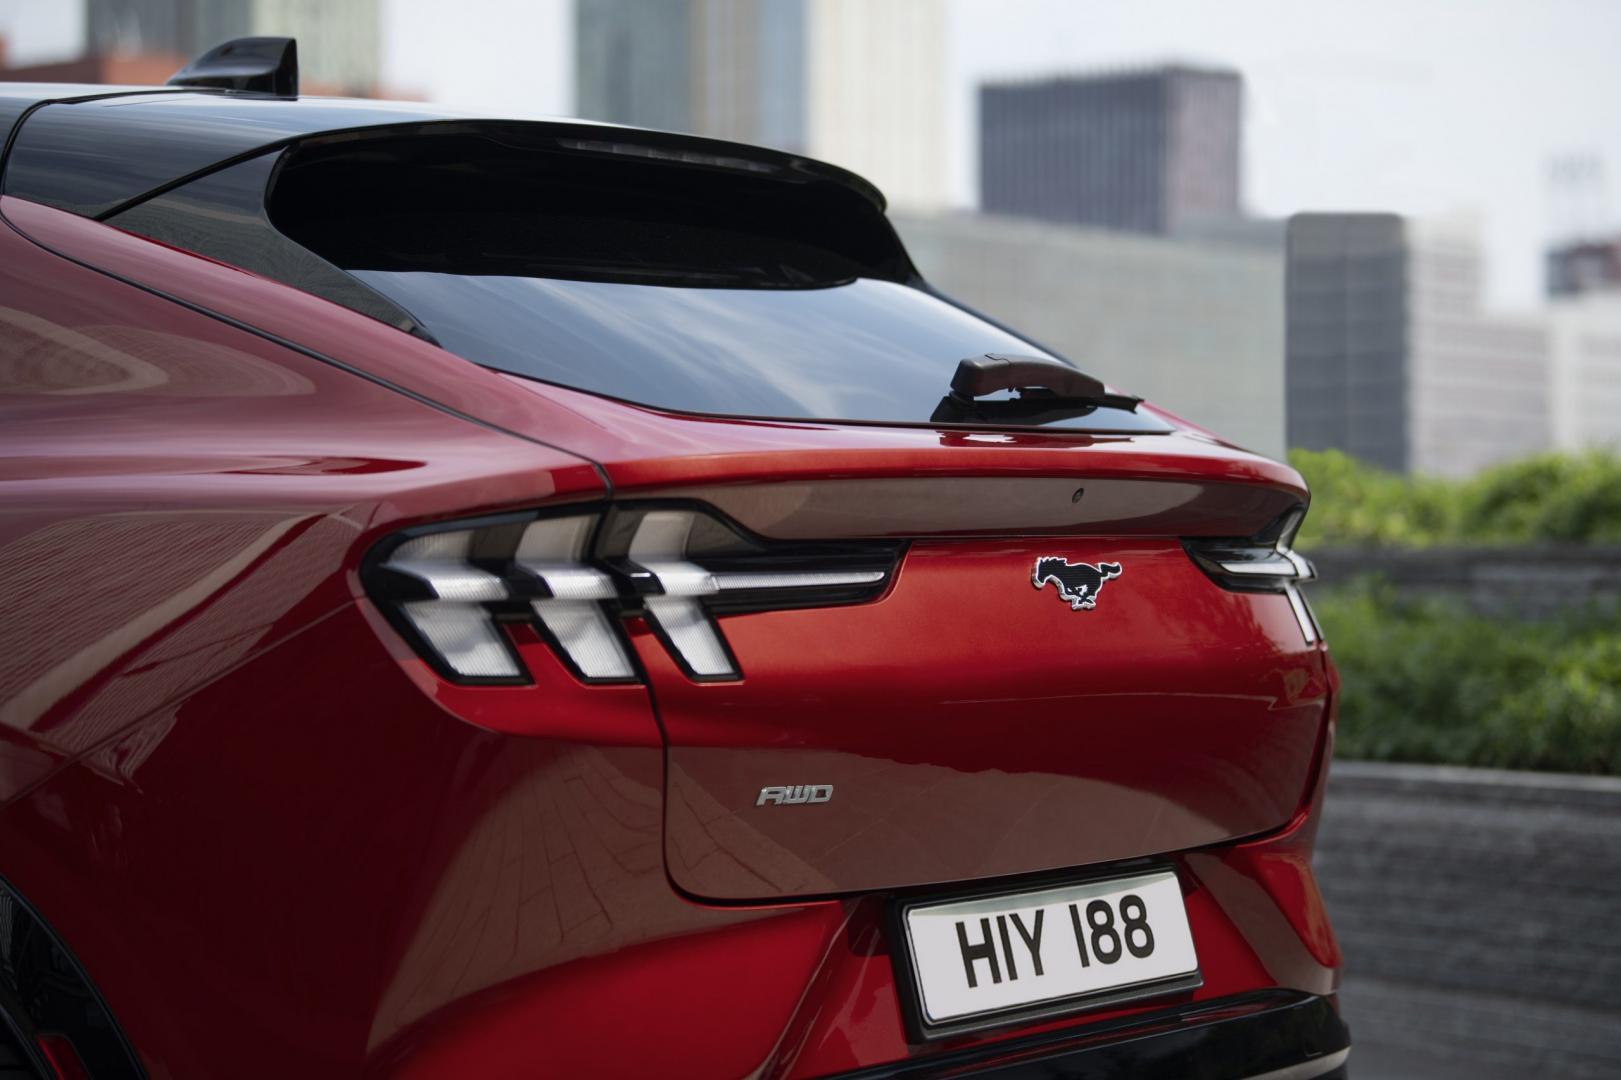 Achterklep Ford Mustang Mach-e AWD Extended Range